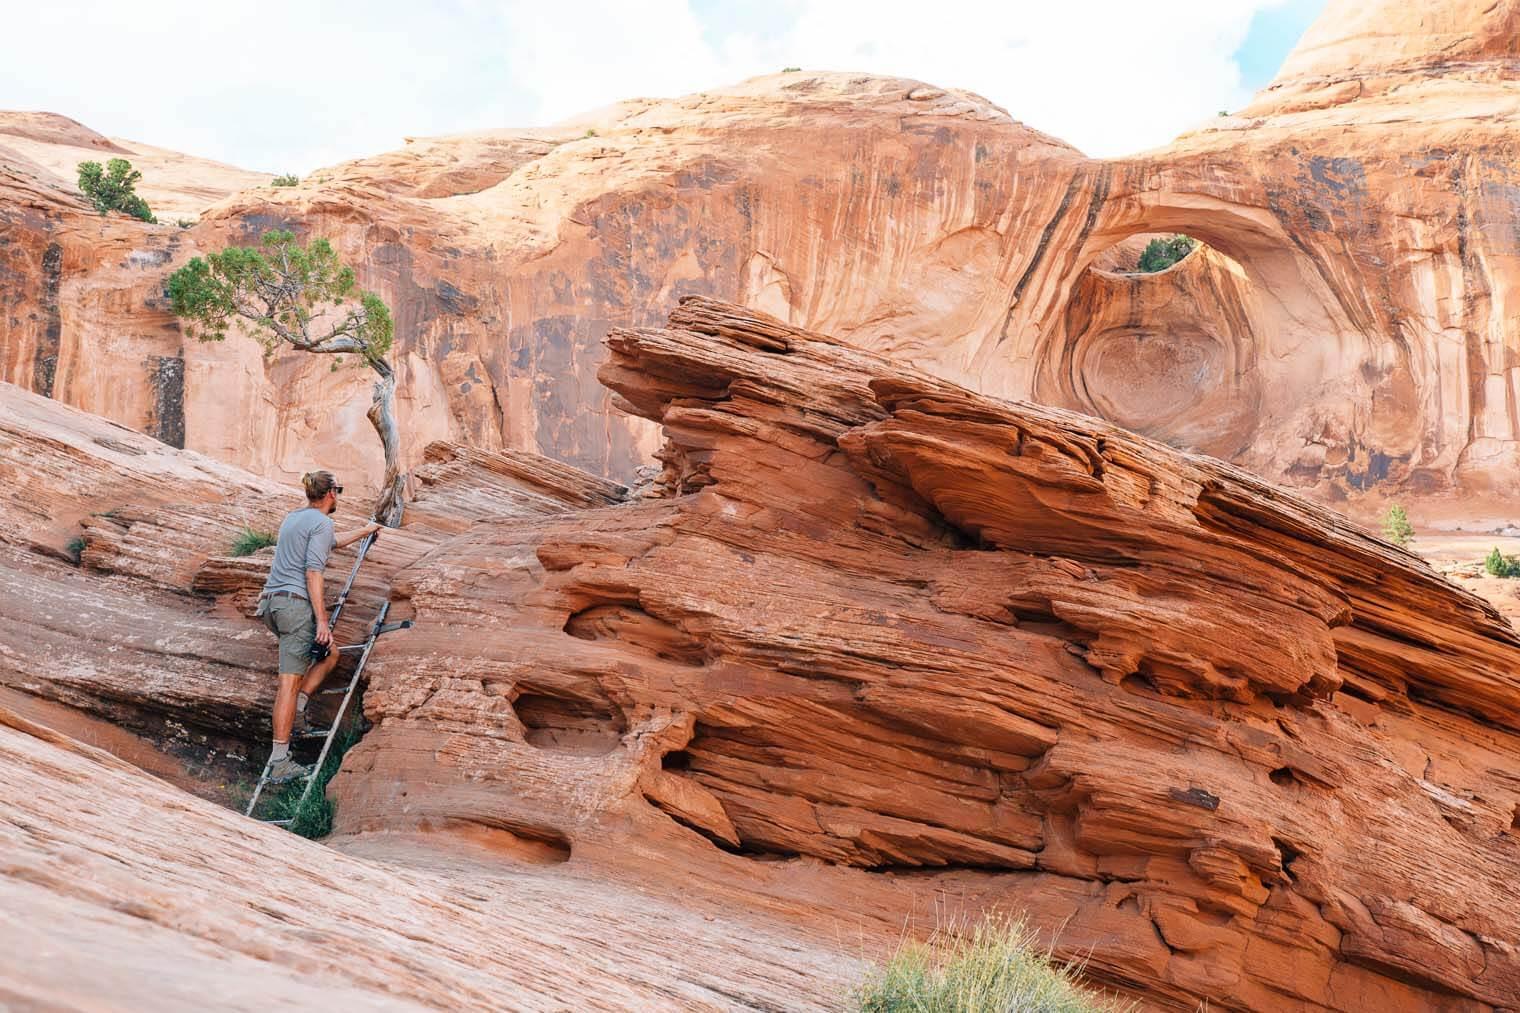 Hike to Corona Arch in Moab, Utah